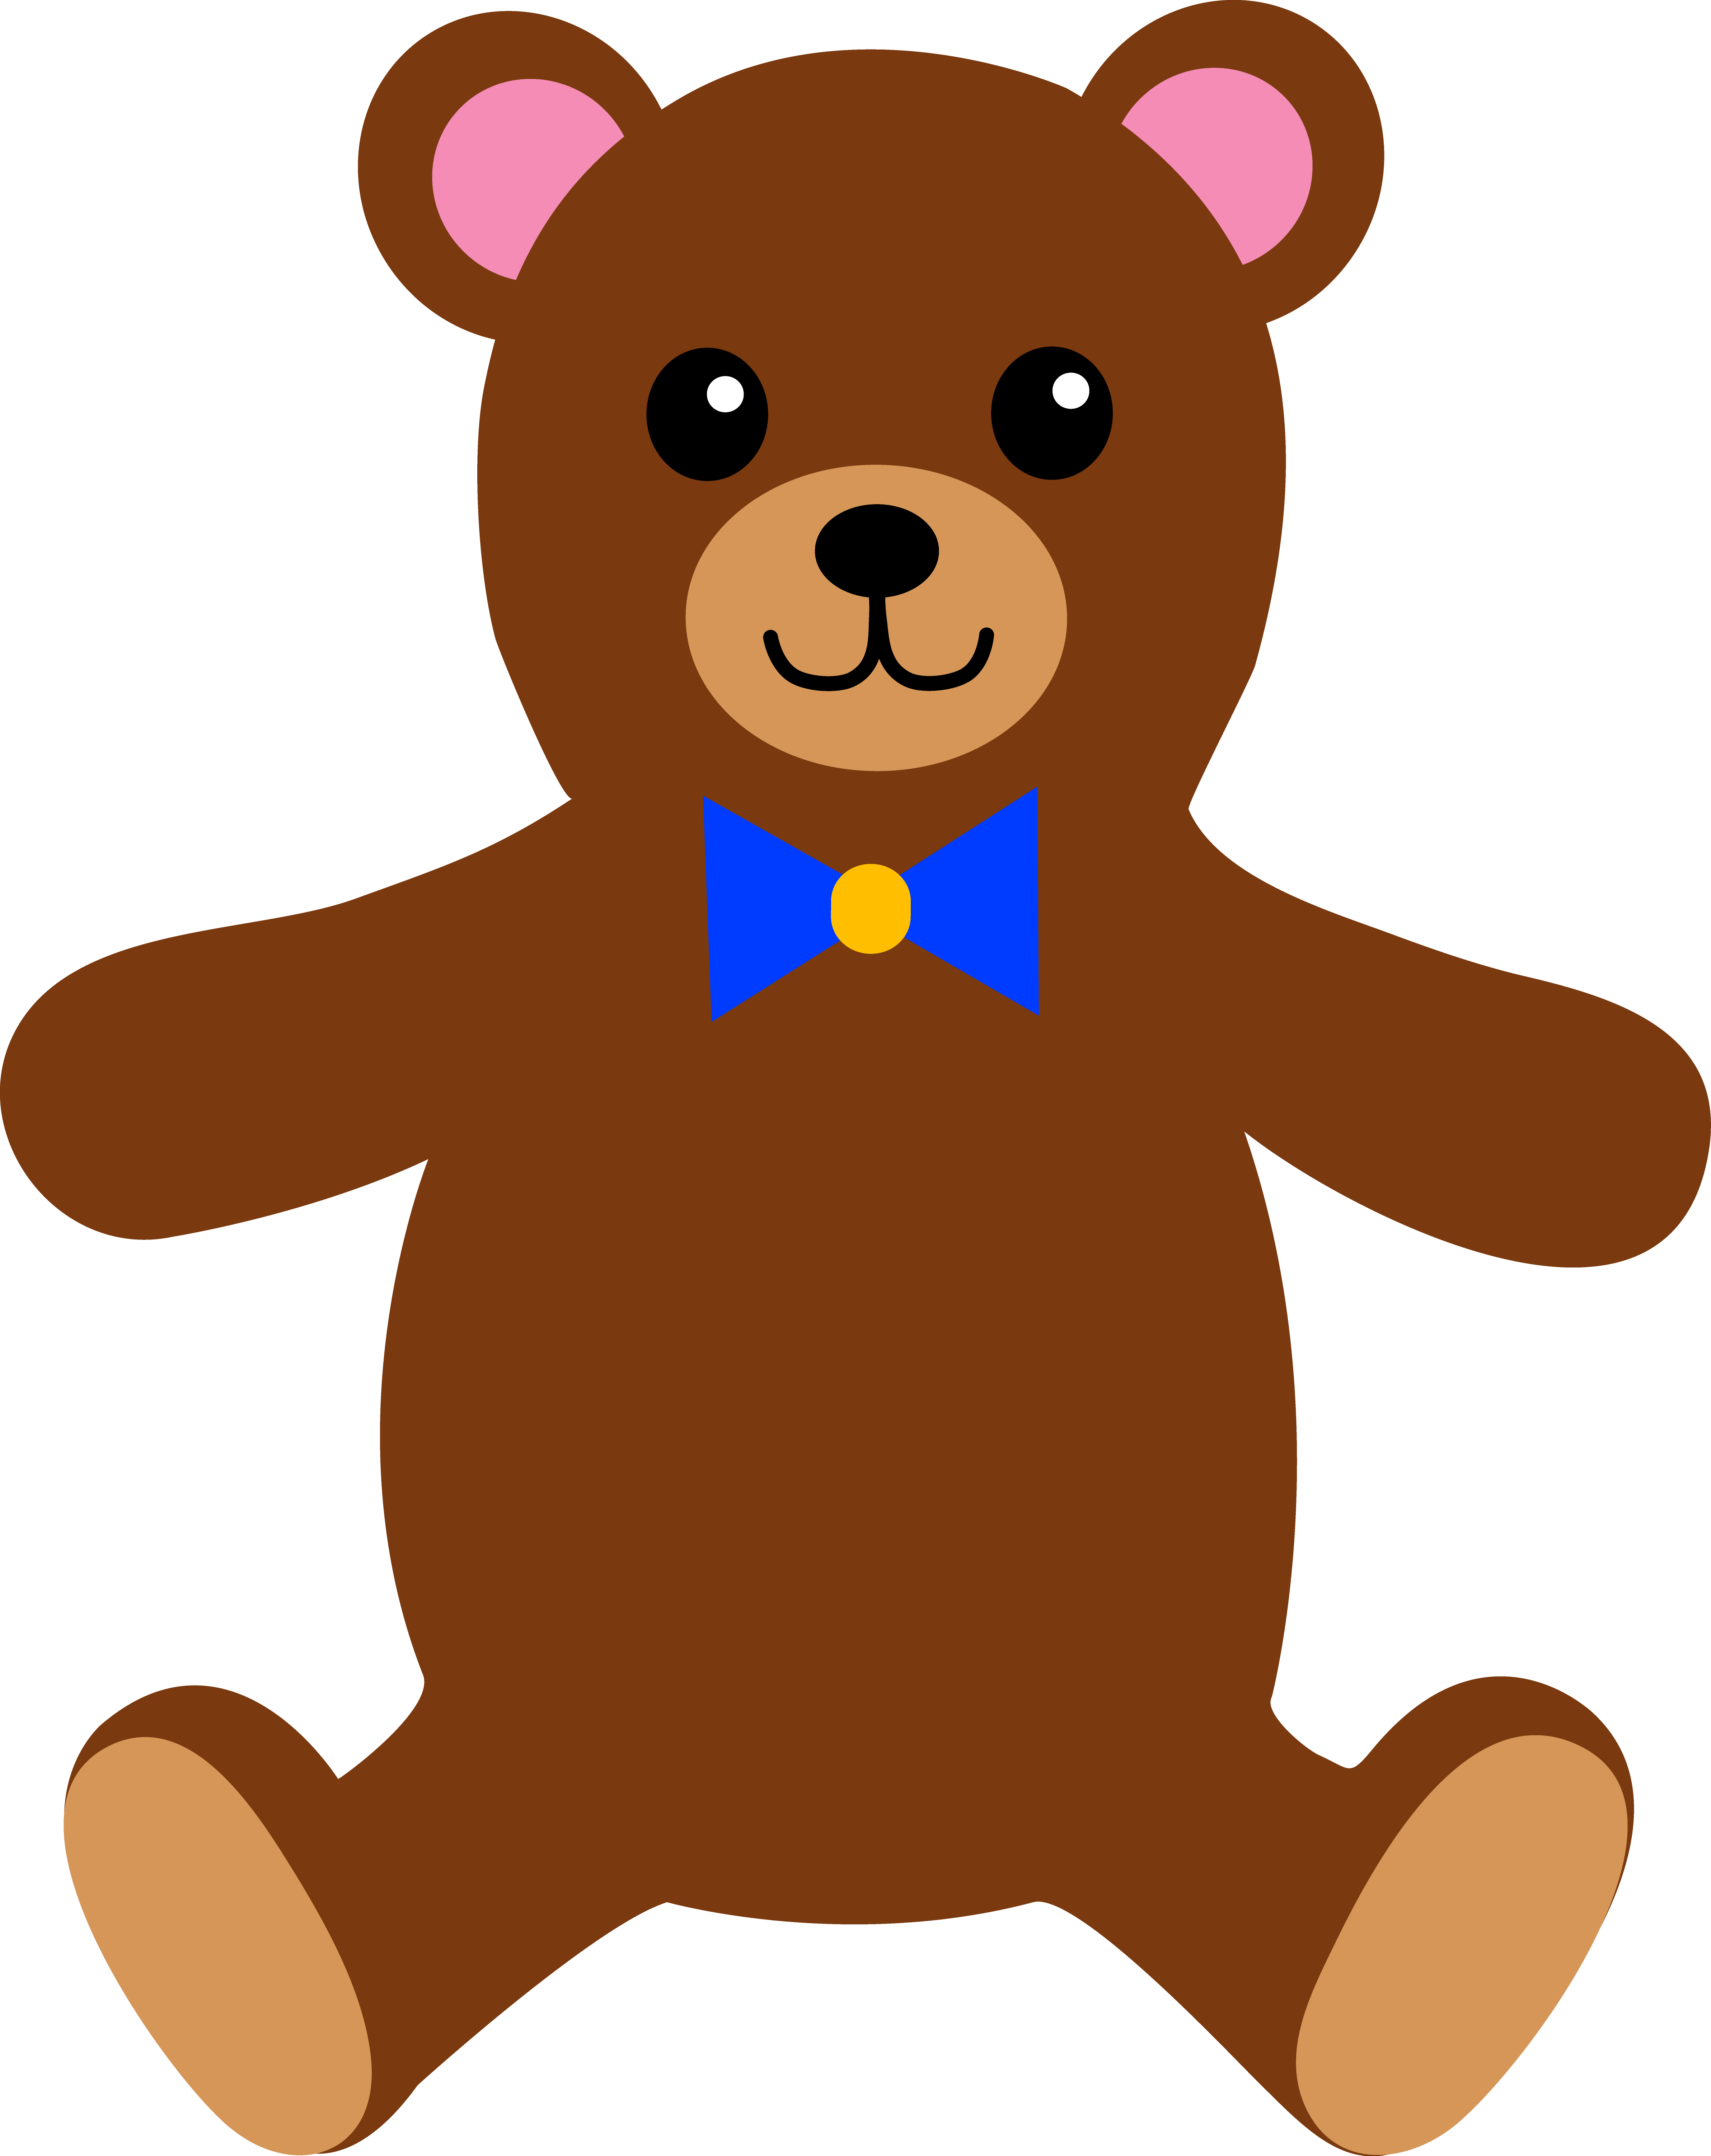 Teddy bear clip art on teddy bears and 2 clipartwiz 2.